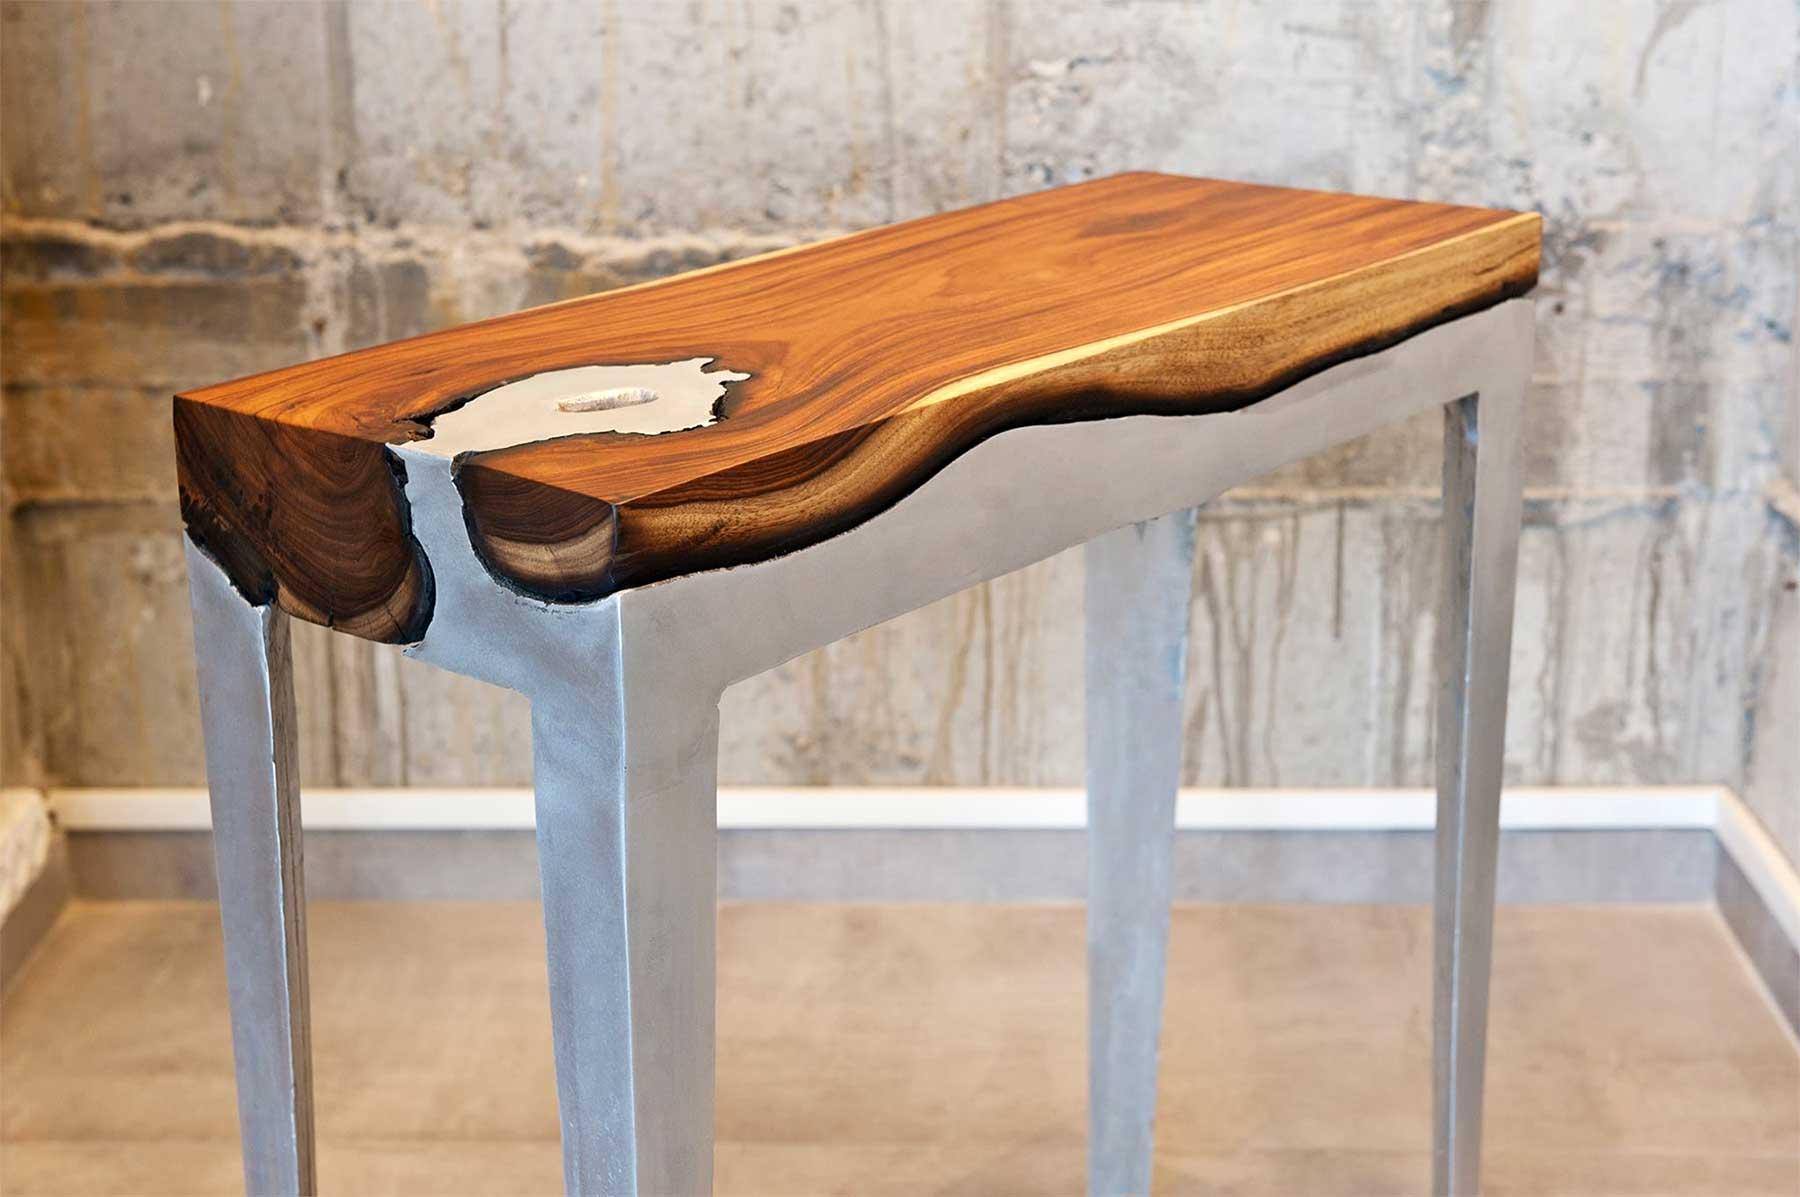 Aluminium-Holz-Möbel von Hilla Shamia Hilla-Shamia-design-studio_02